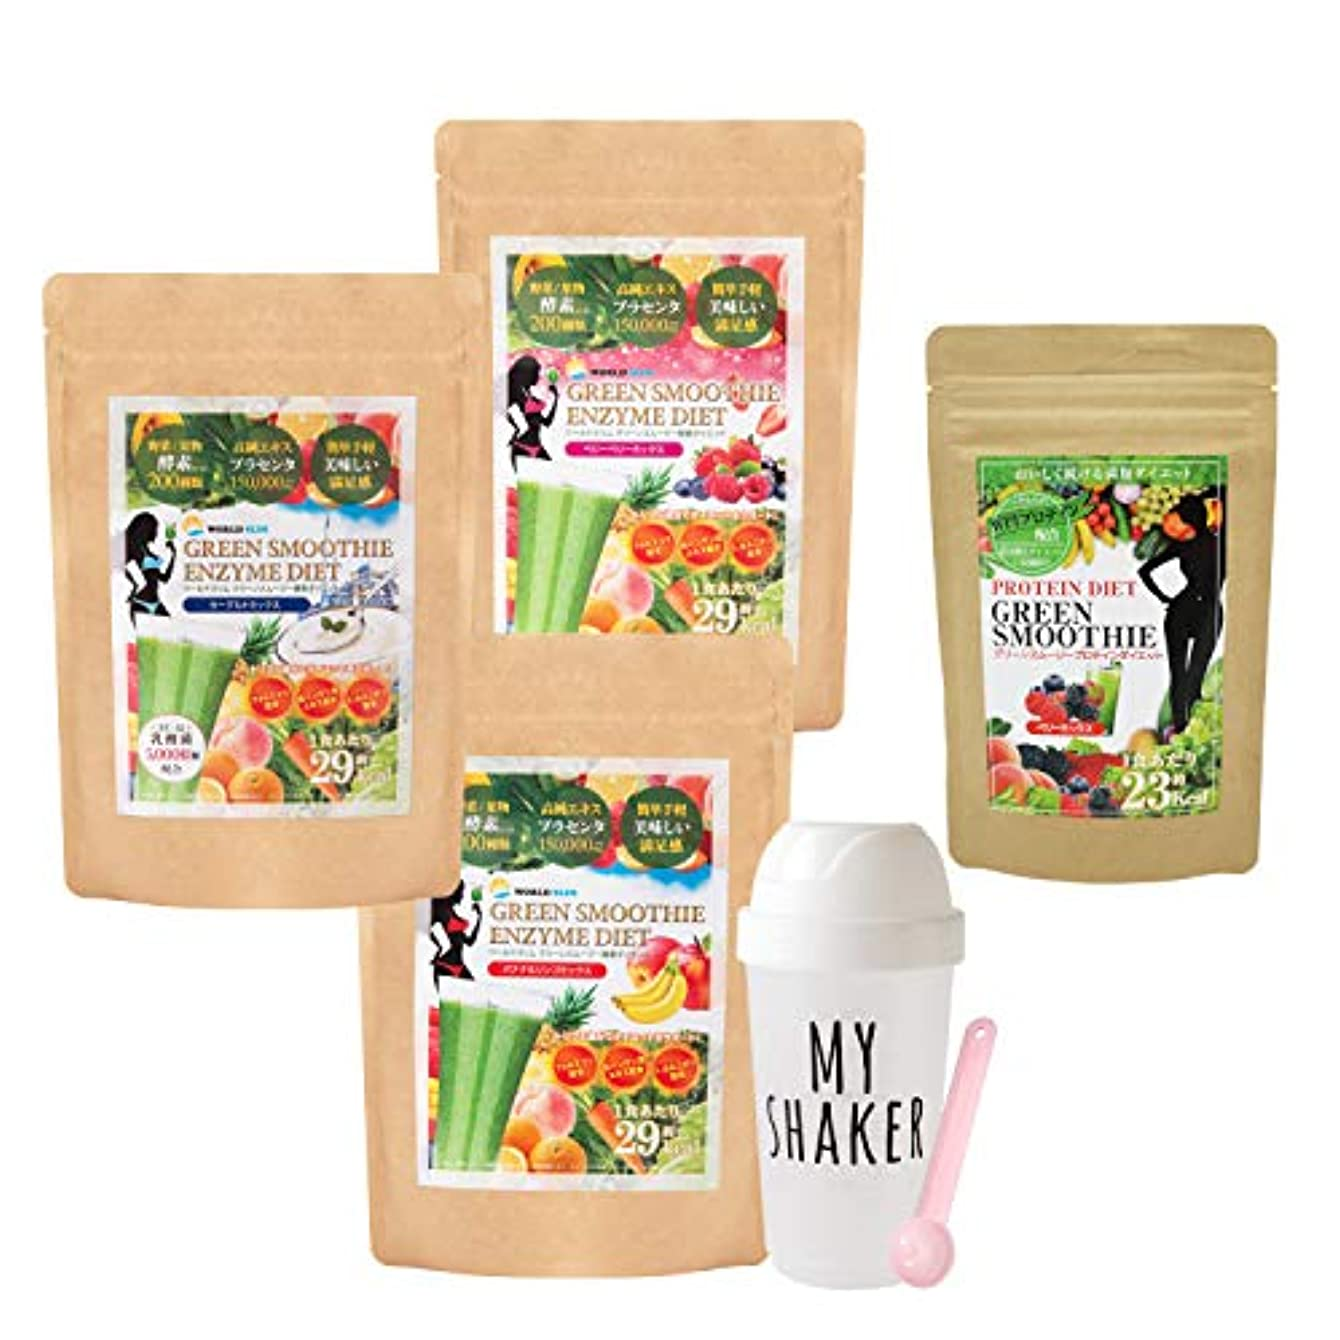 シャーロットブロンテ照らすステープル【選べるグリーンスムージー3個セット】ワールドスリムグリーンスムージー酵素ダイエット3袋セット World Slim Green Smoothie Enzyme Diet (D.バナナ/ヨーグルト/ストロベリー, プロテイングリーンスムージー1袋)